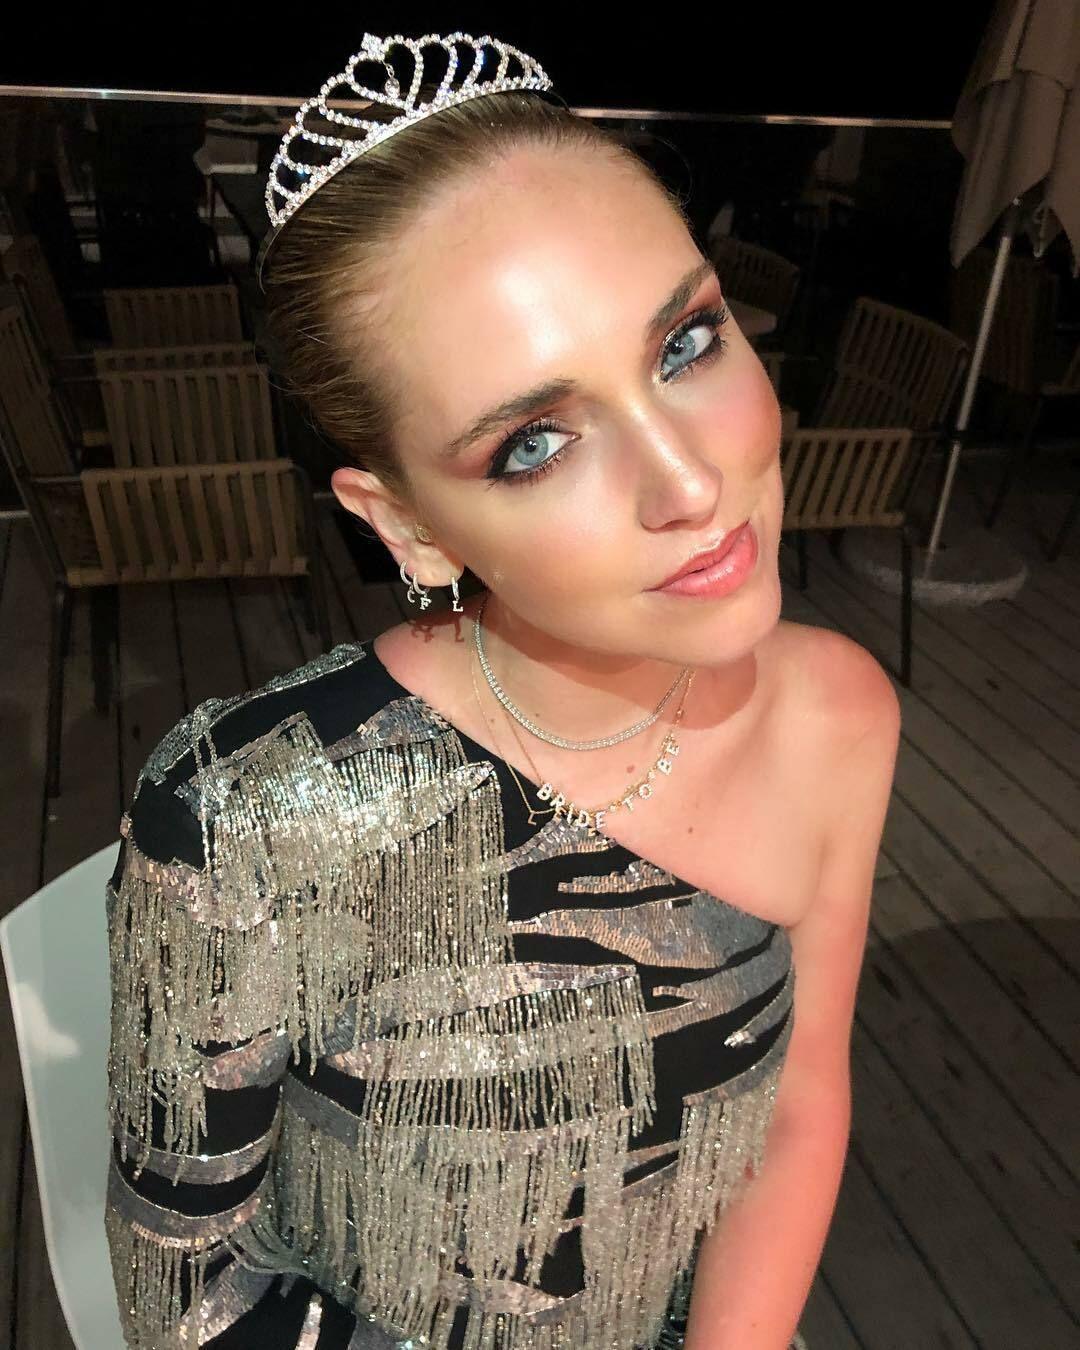 Chiara con el vestido de Dundas y la coronita. (Instagram @chiaraferragni)